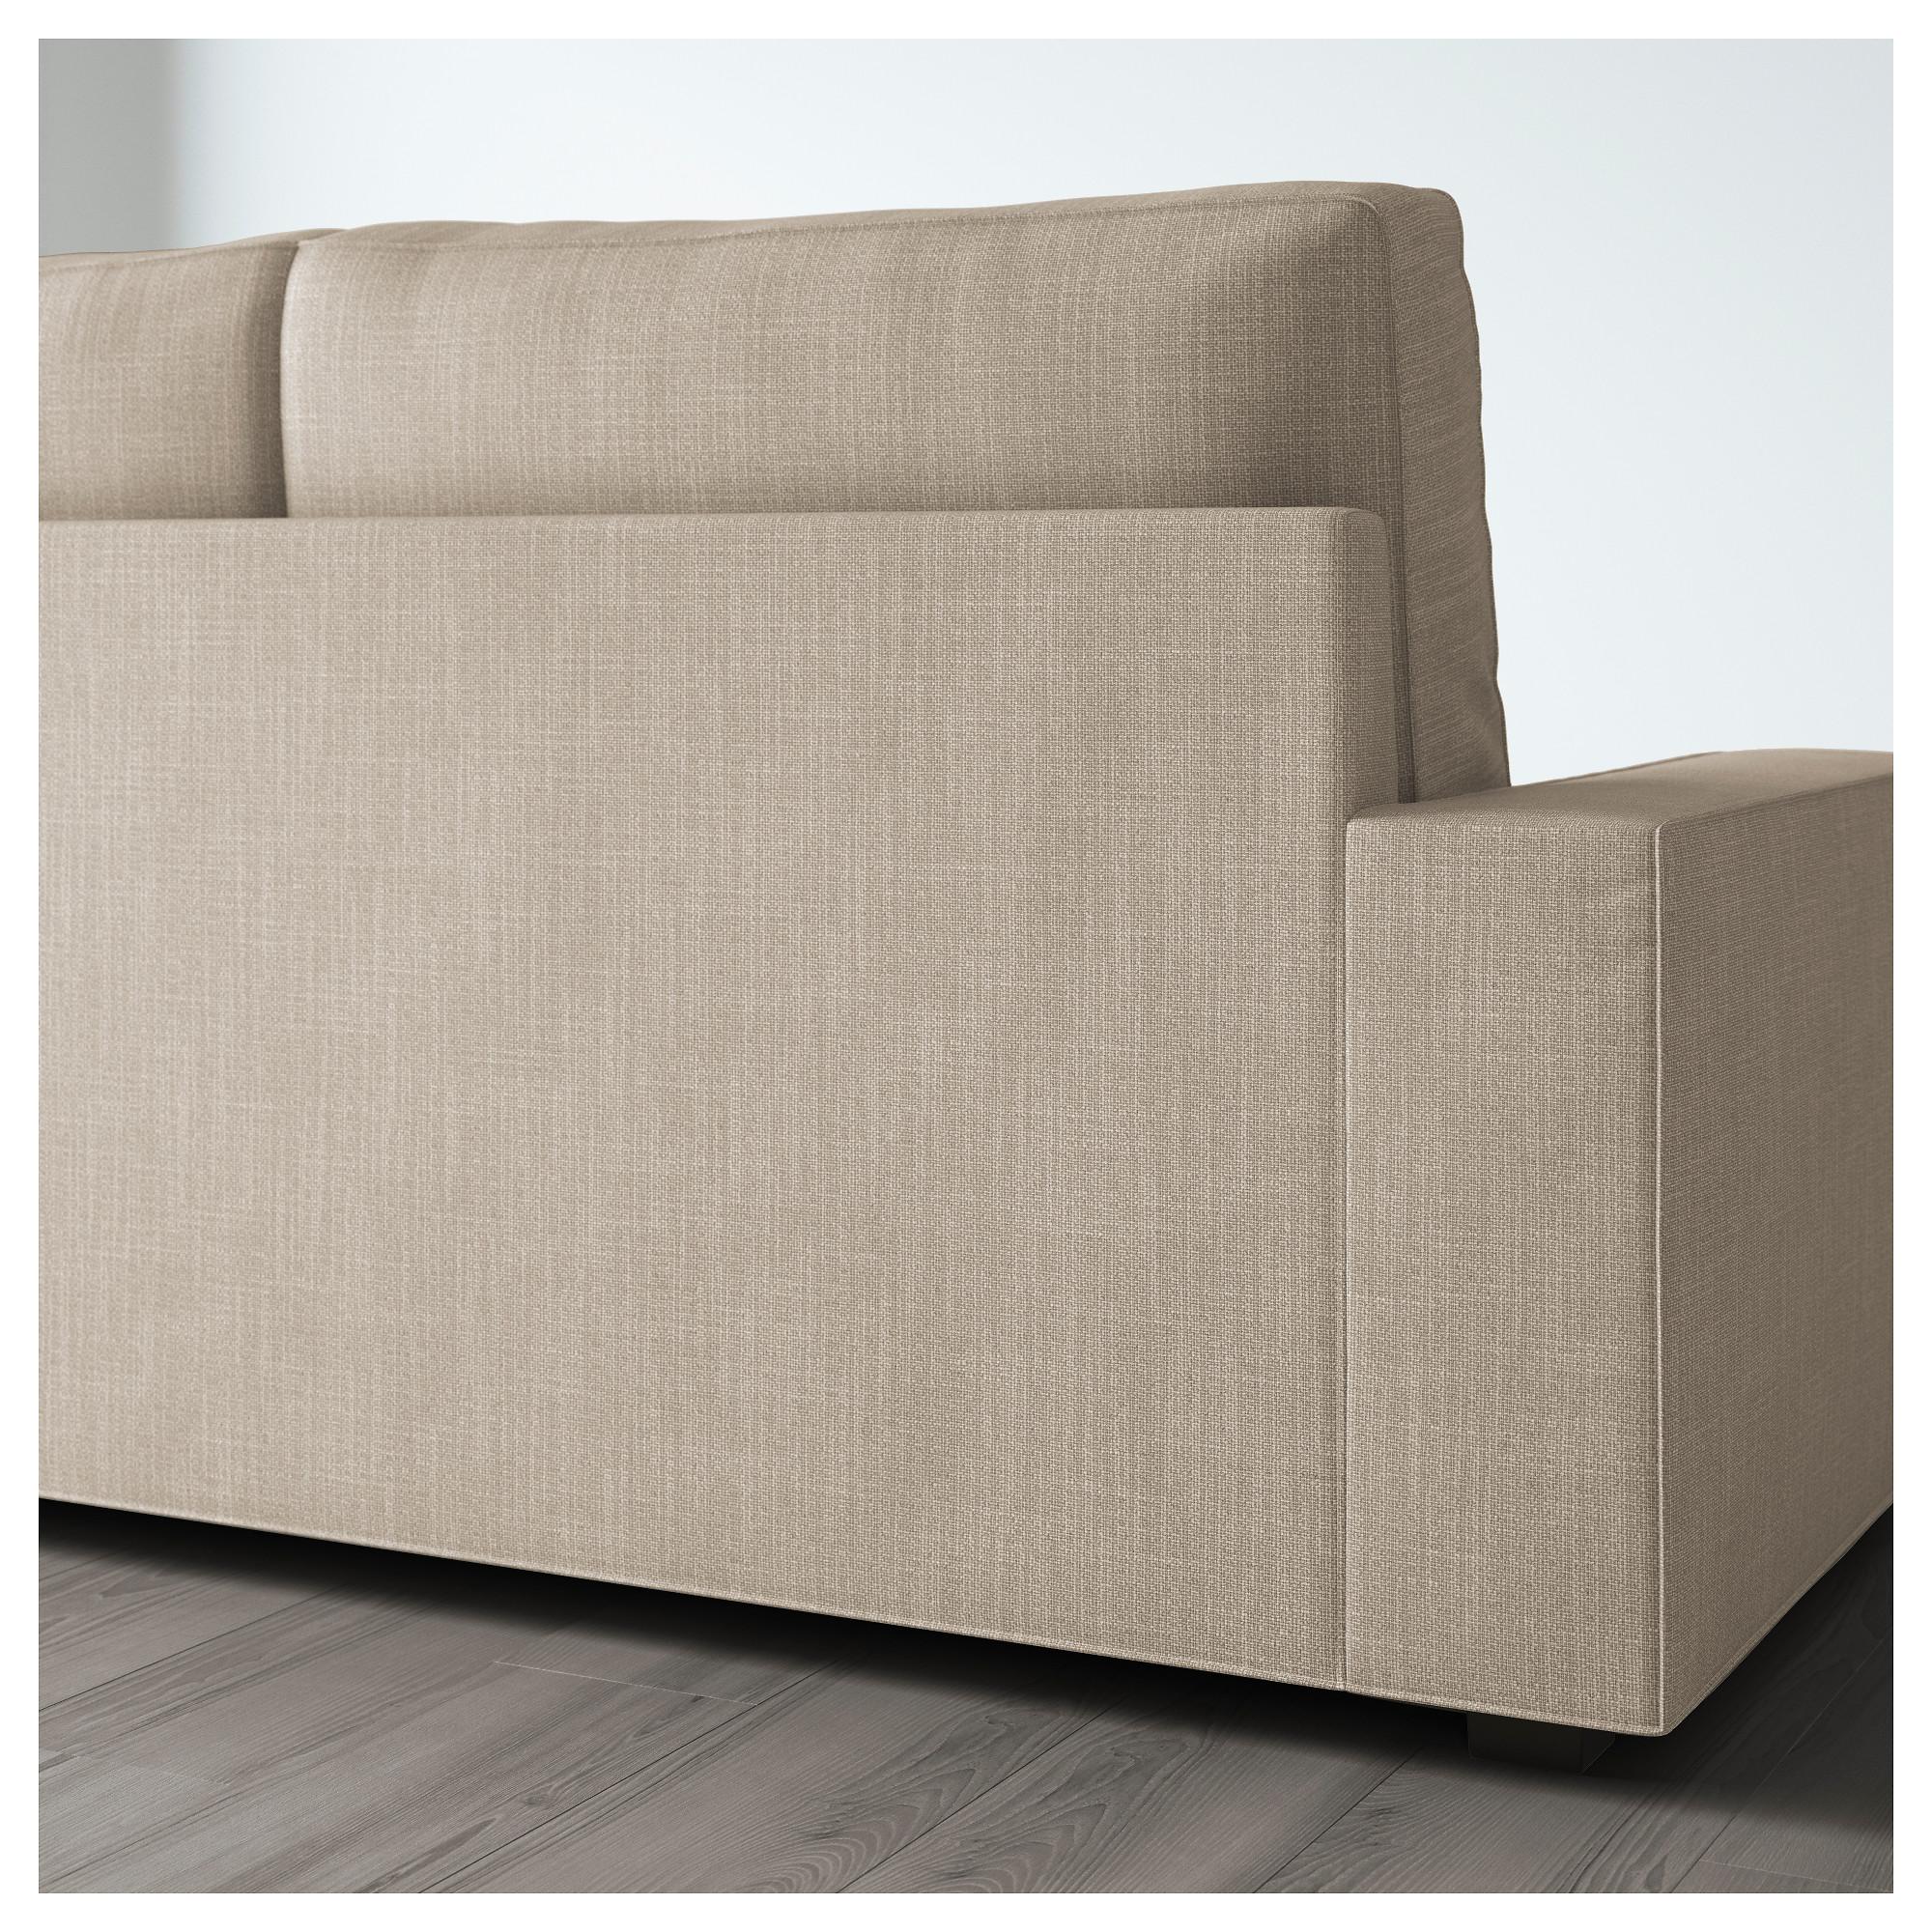 3-местный диван-кровать ВИЛАСУНД бежевый артикуль № 692.824.98 в наличии. Онлайн сайт IKEA РБ. Быстрая доставка и монтаж.